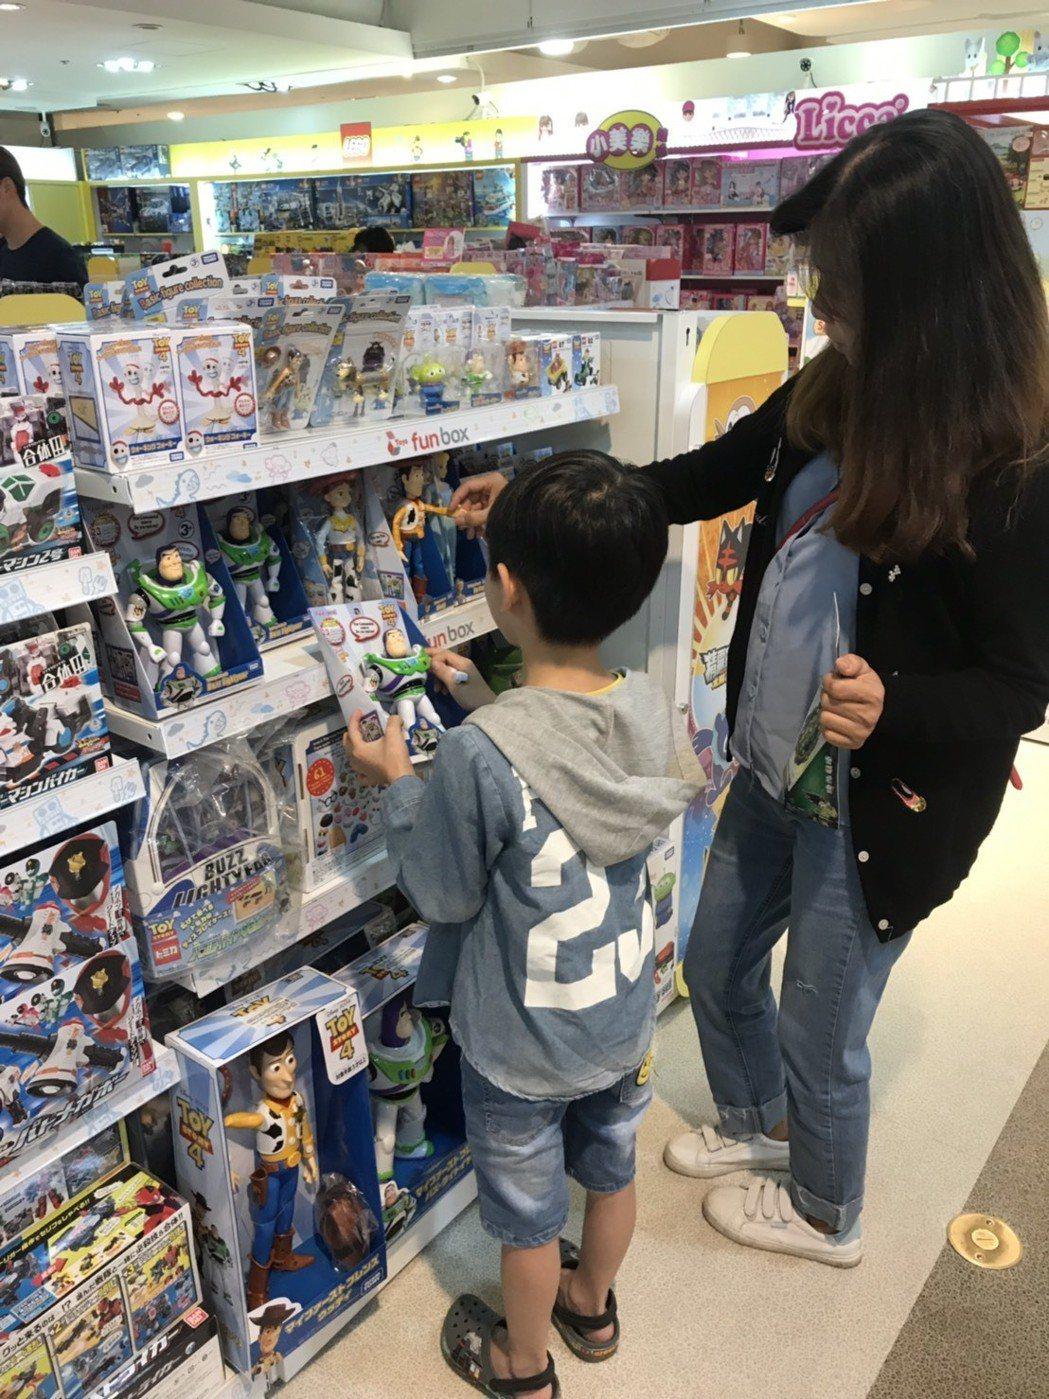 人氣皮克斯動畫「玩具總動員4」將於20日上映,吸引消費者選購相關商品。圖/桃園遠...